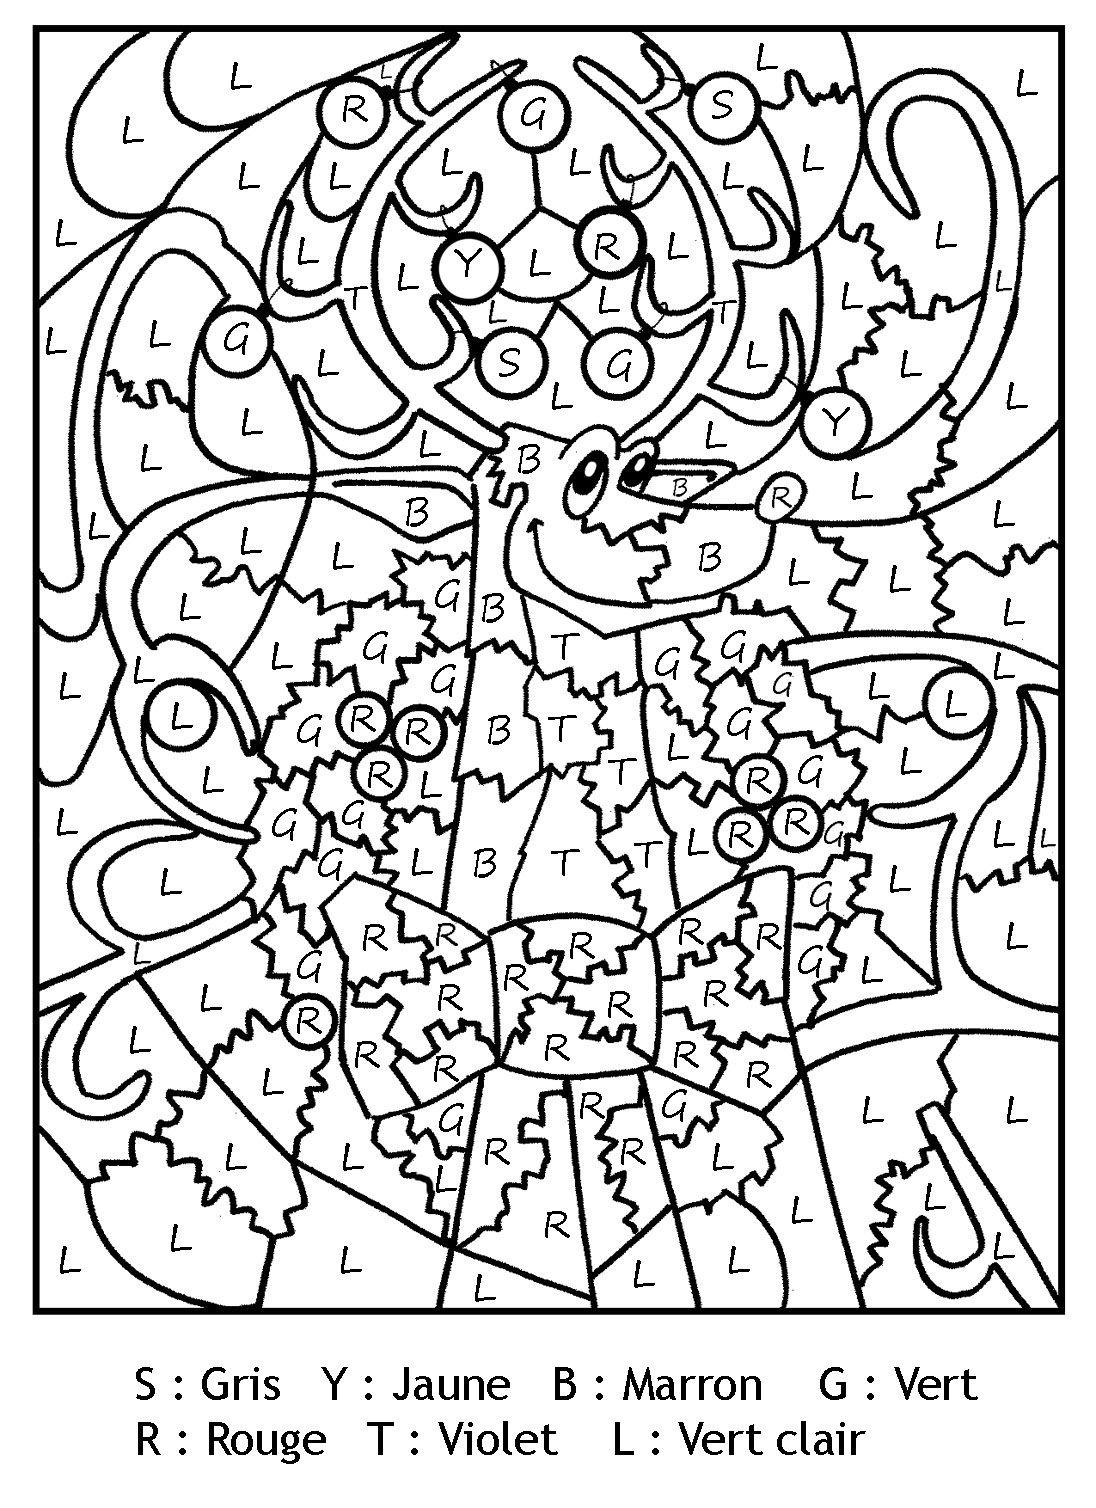 Pour imprimer ce coloriage gratuit coloriage magique lettres renne noel